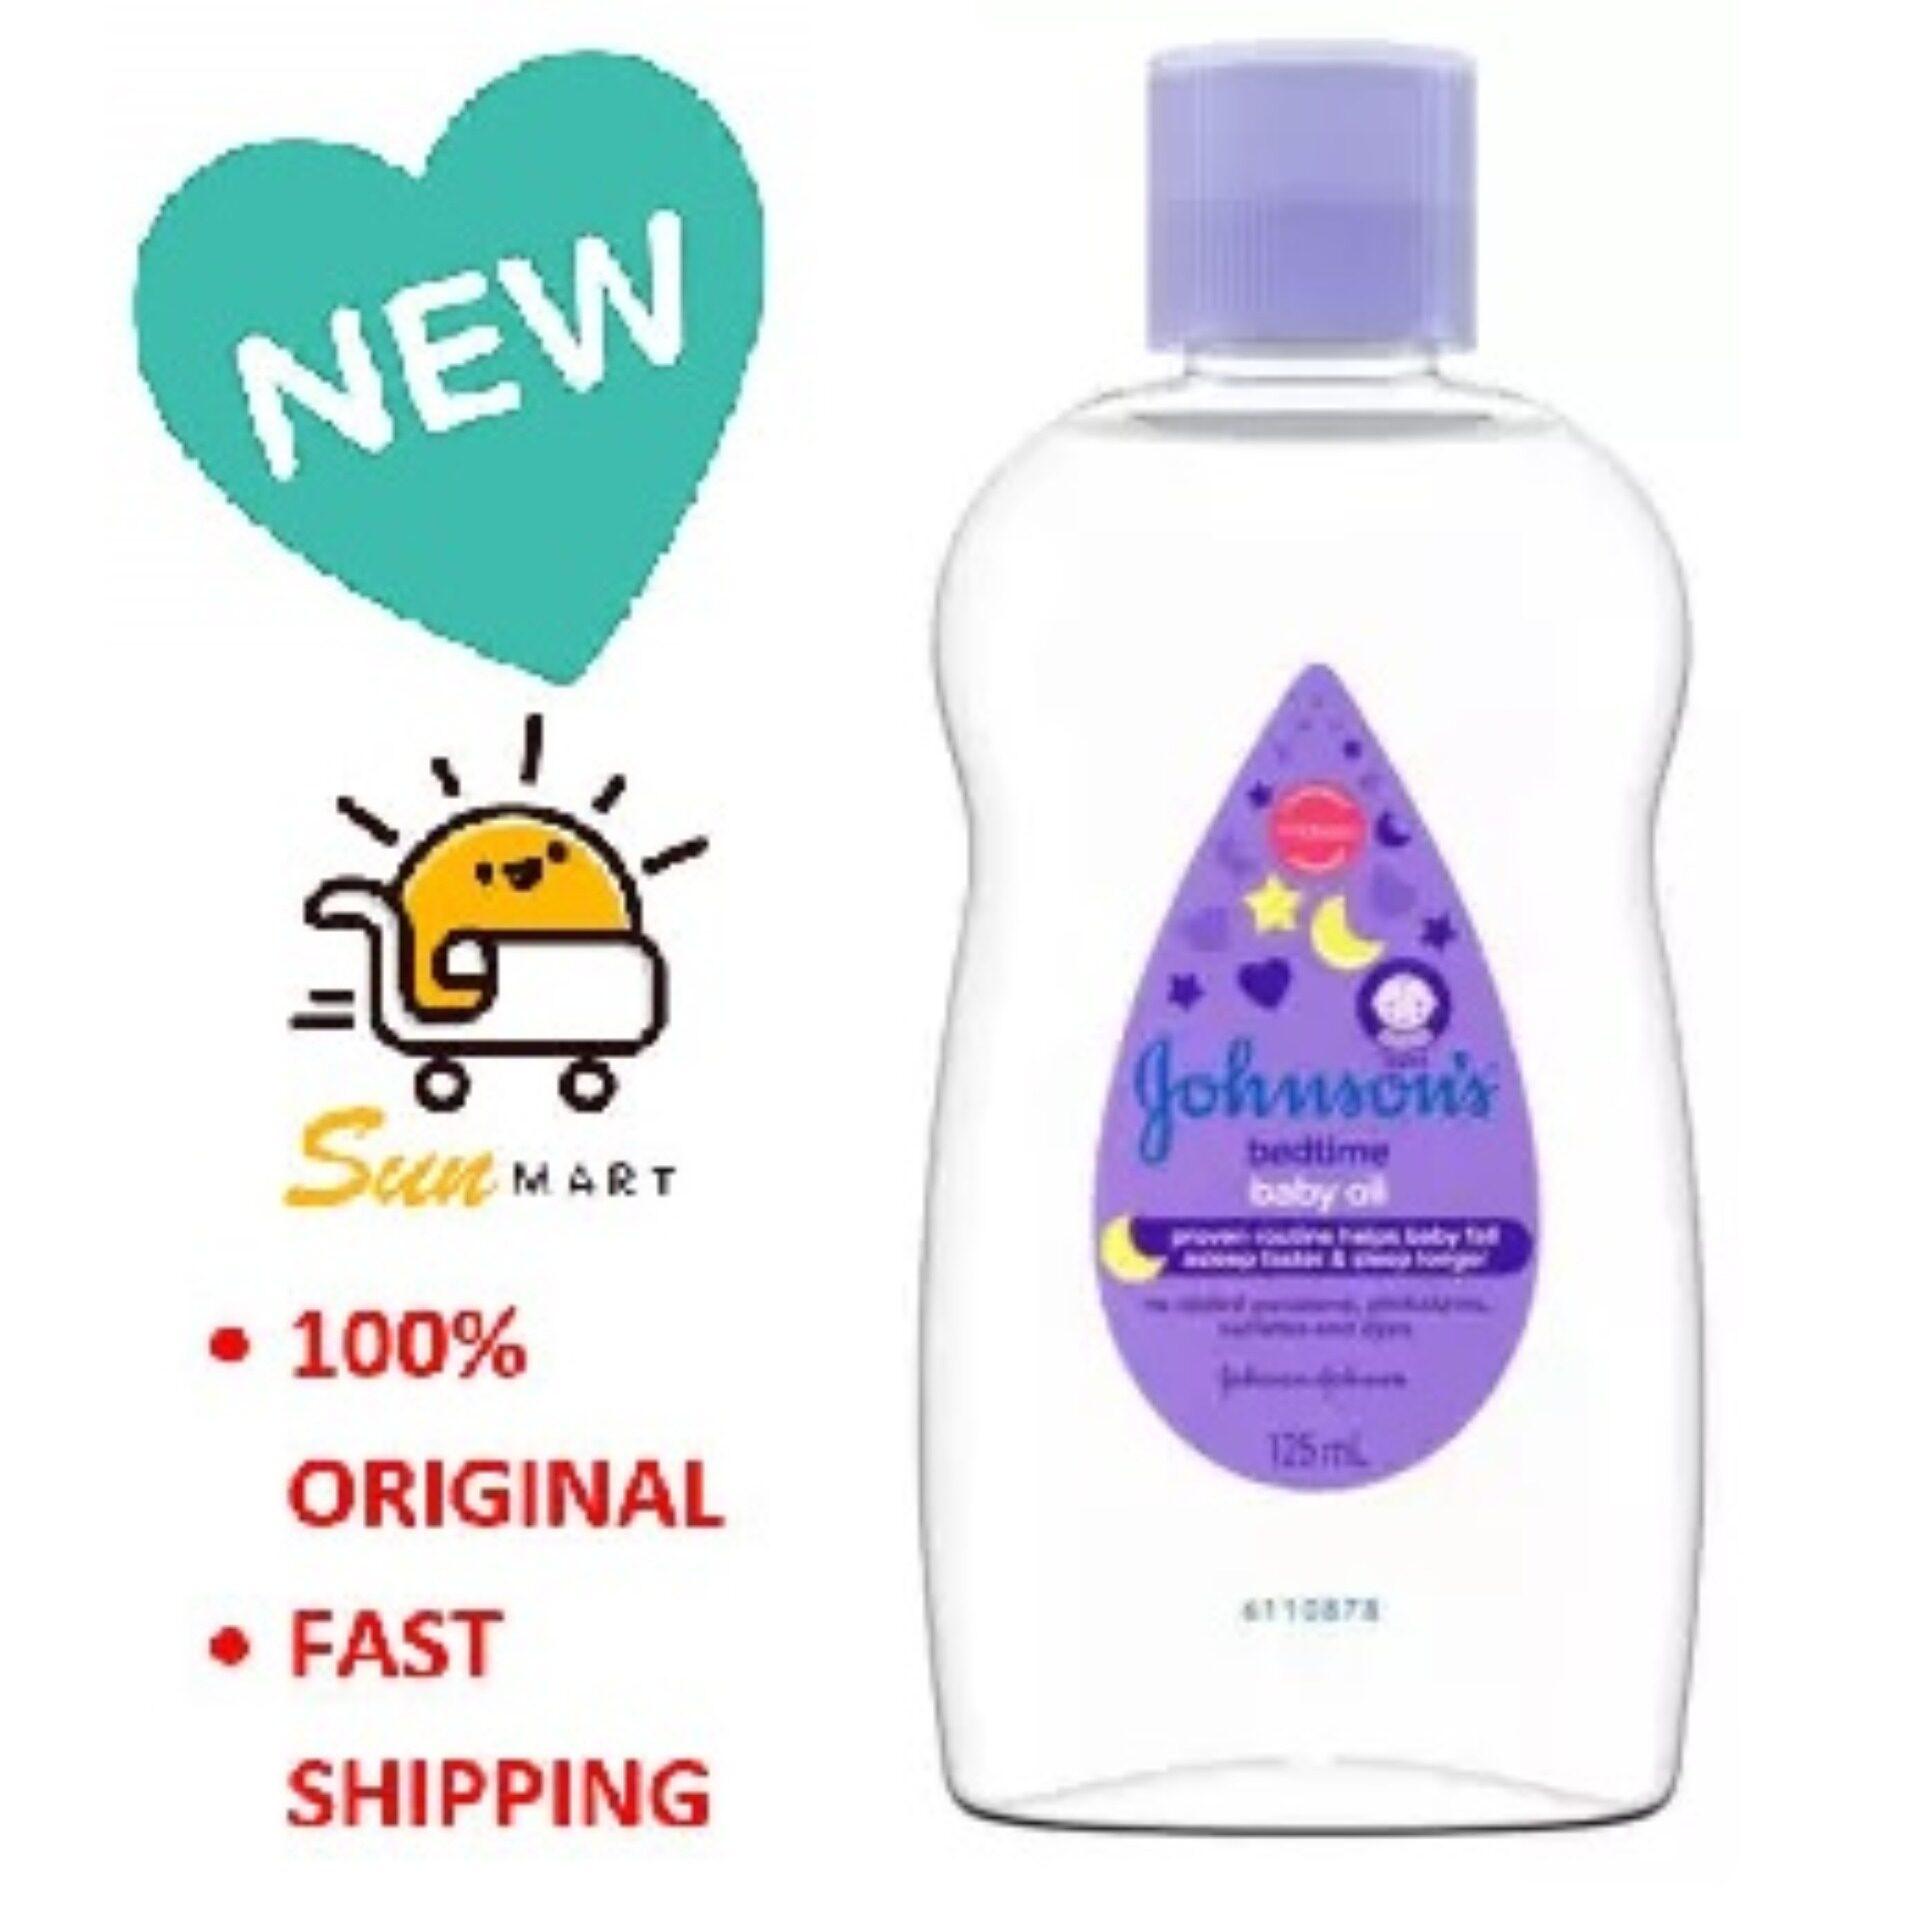 Johnson's Bedtime Baby Oil 125ml